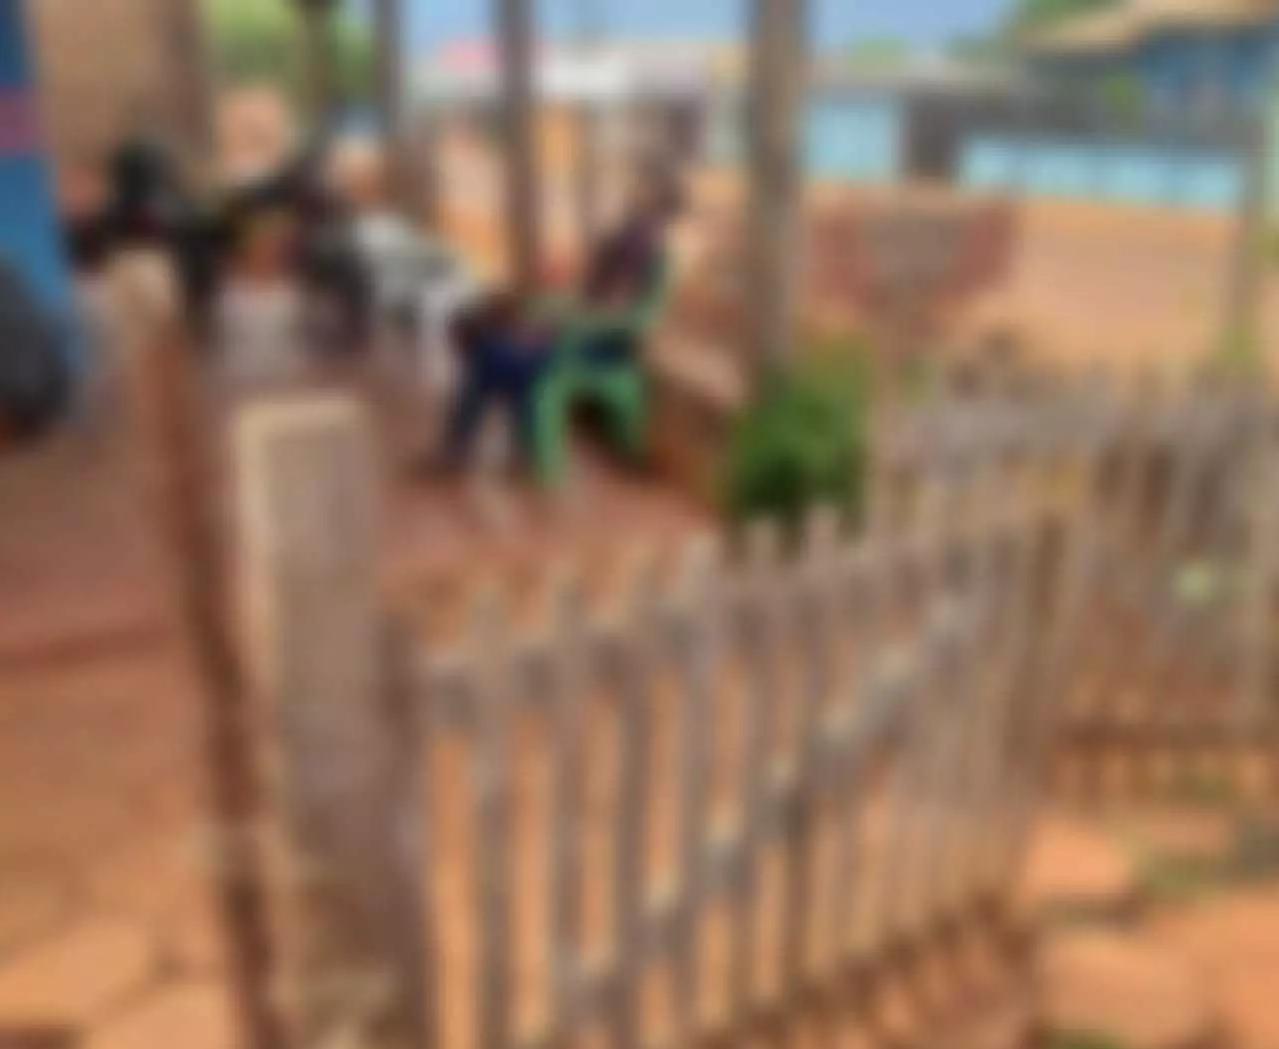 Vítima estava sentada em uma cadeira quando foi baleada e morta (Foto: Ponta Porã News)